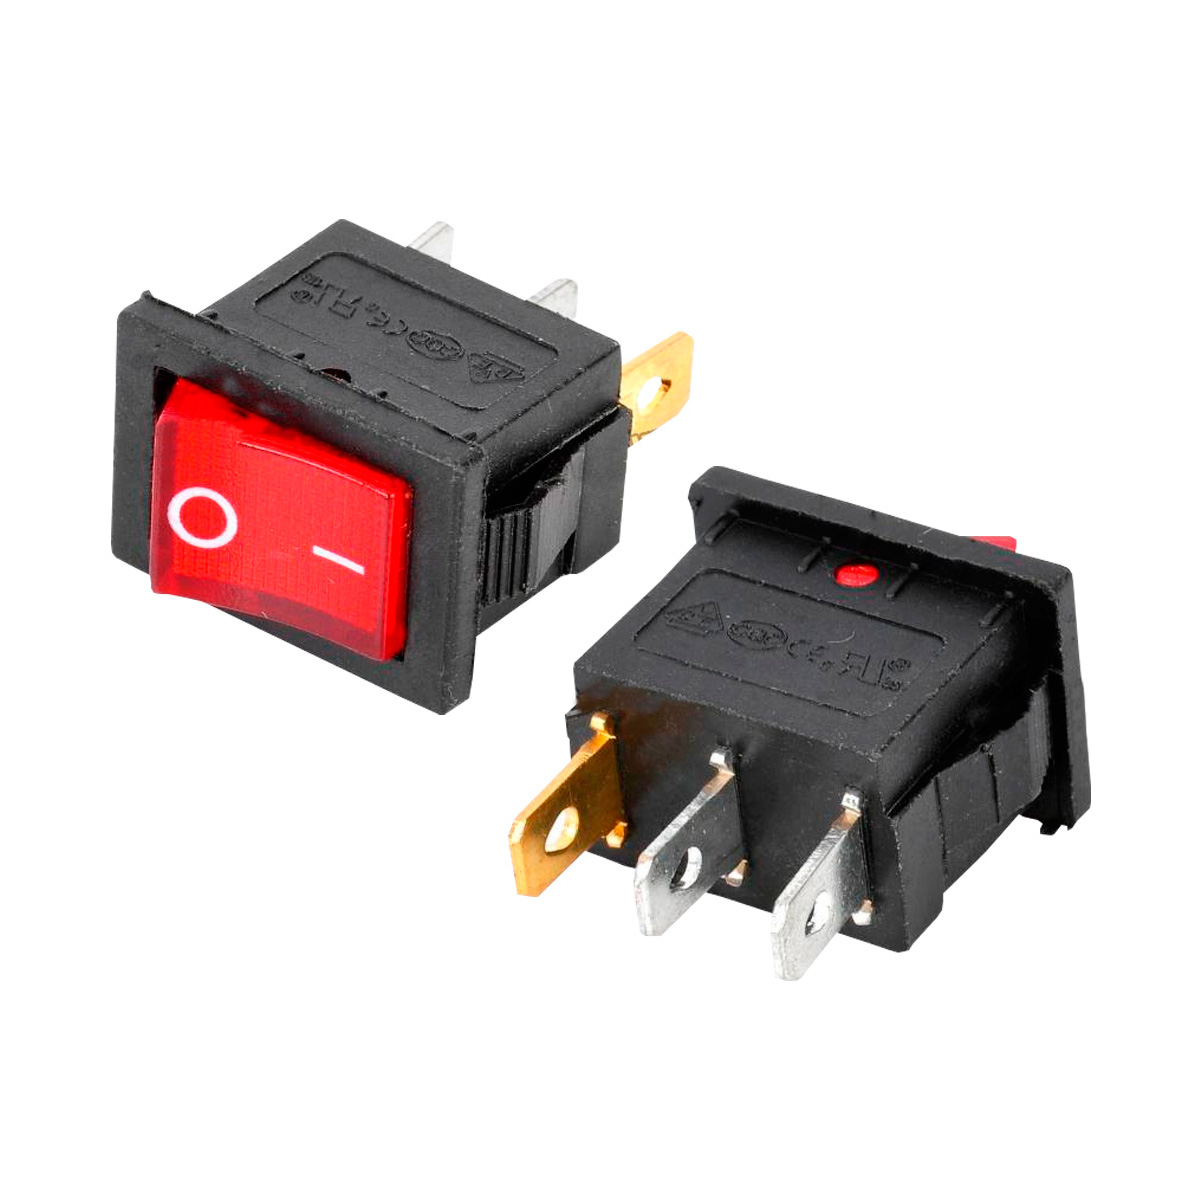 Interruptor basculante 6a 220v con luz color rojo - Pulsadores de luz ...